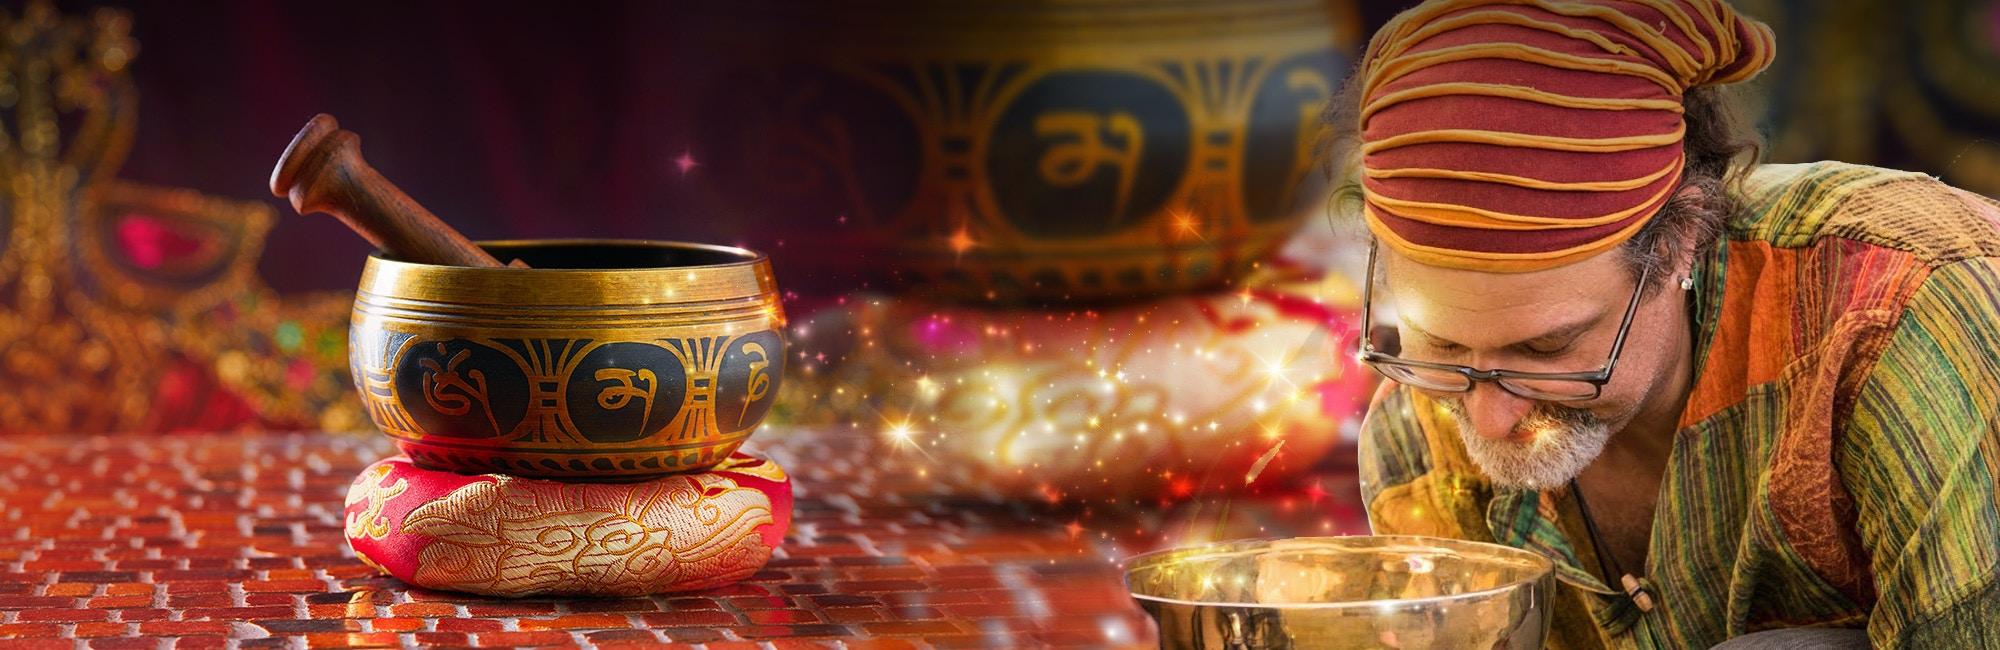 Dr. DREAM - 333 Tibetan Healing Bowls